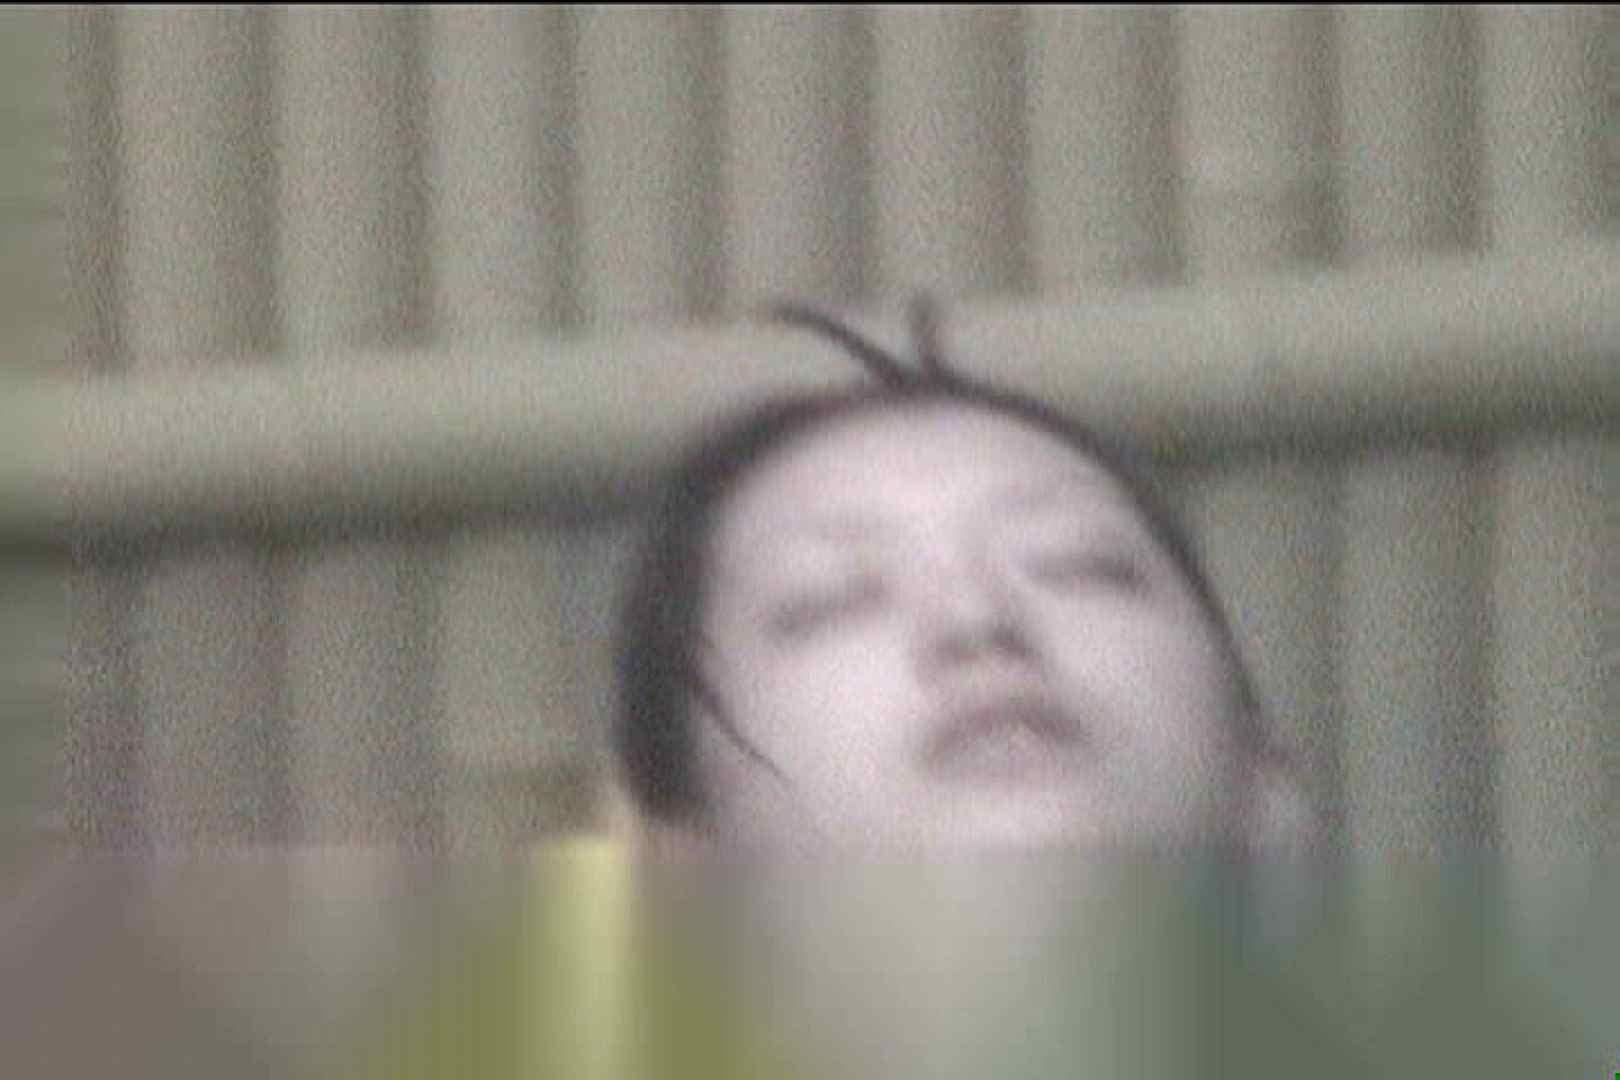 Aquaな露天風呂Vol.102 女体盗撮  54連発 54